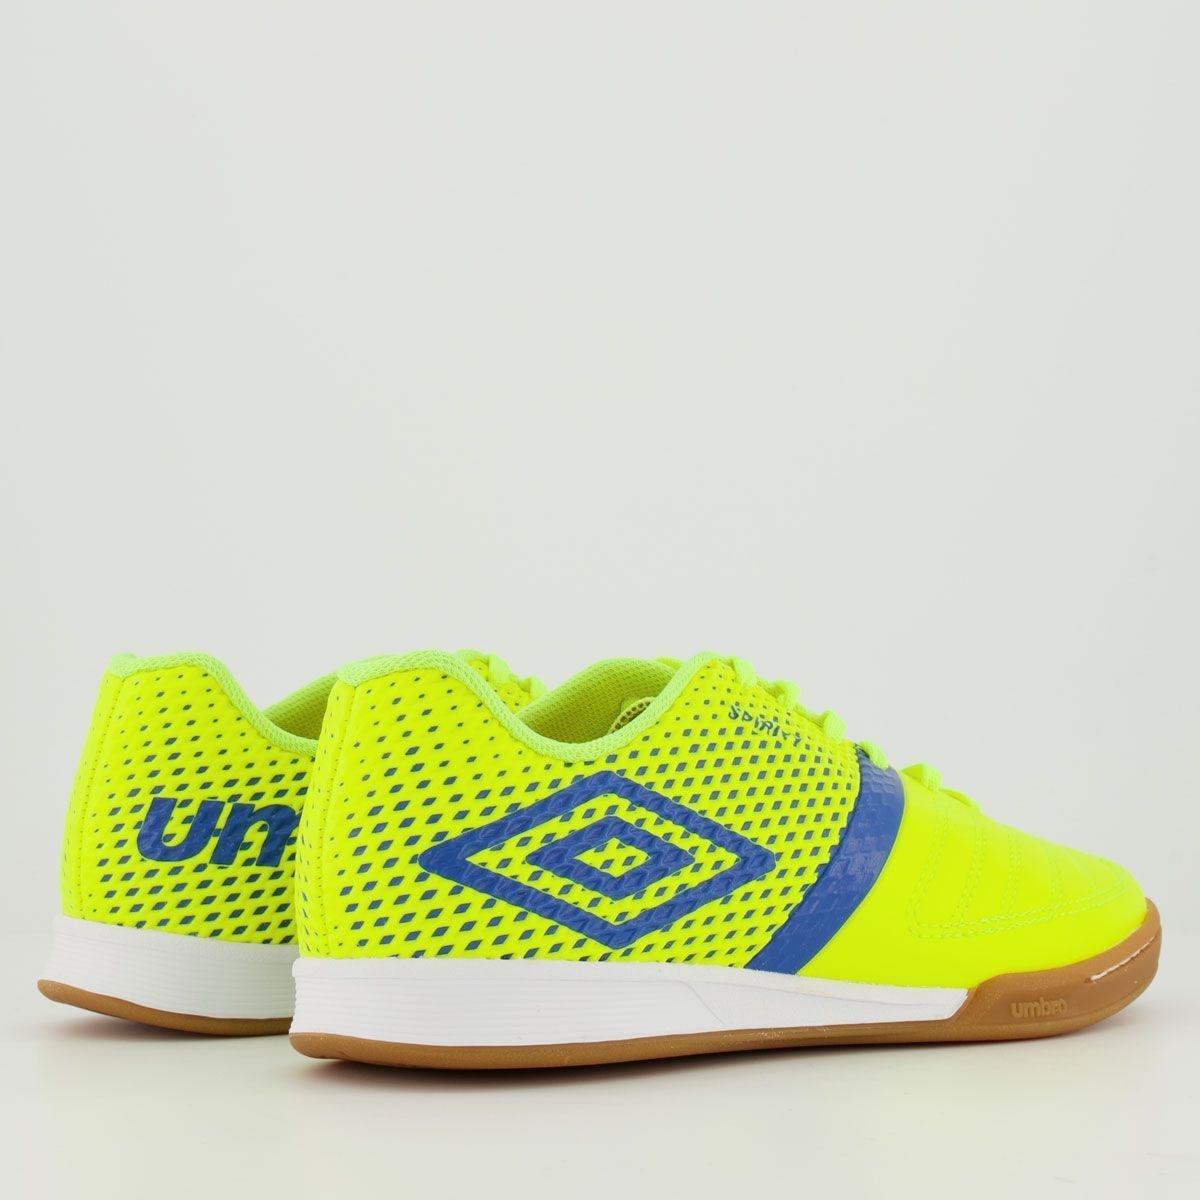 Chuteira Umbro Futsal Spirity